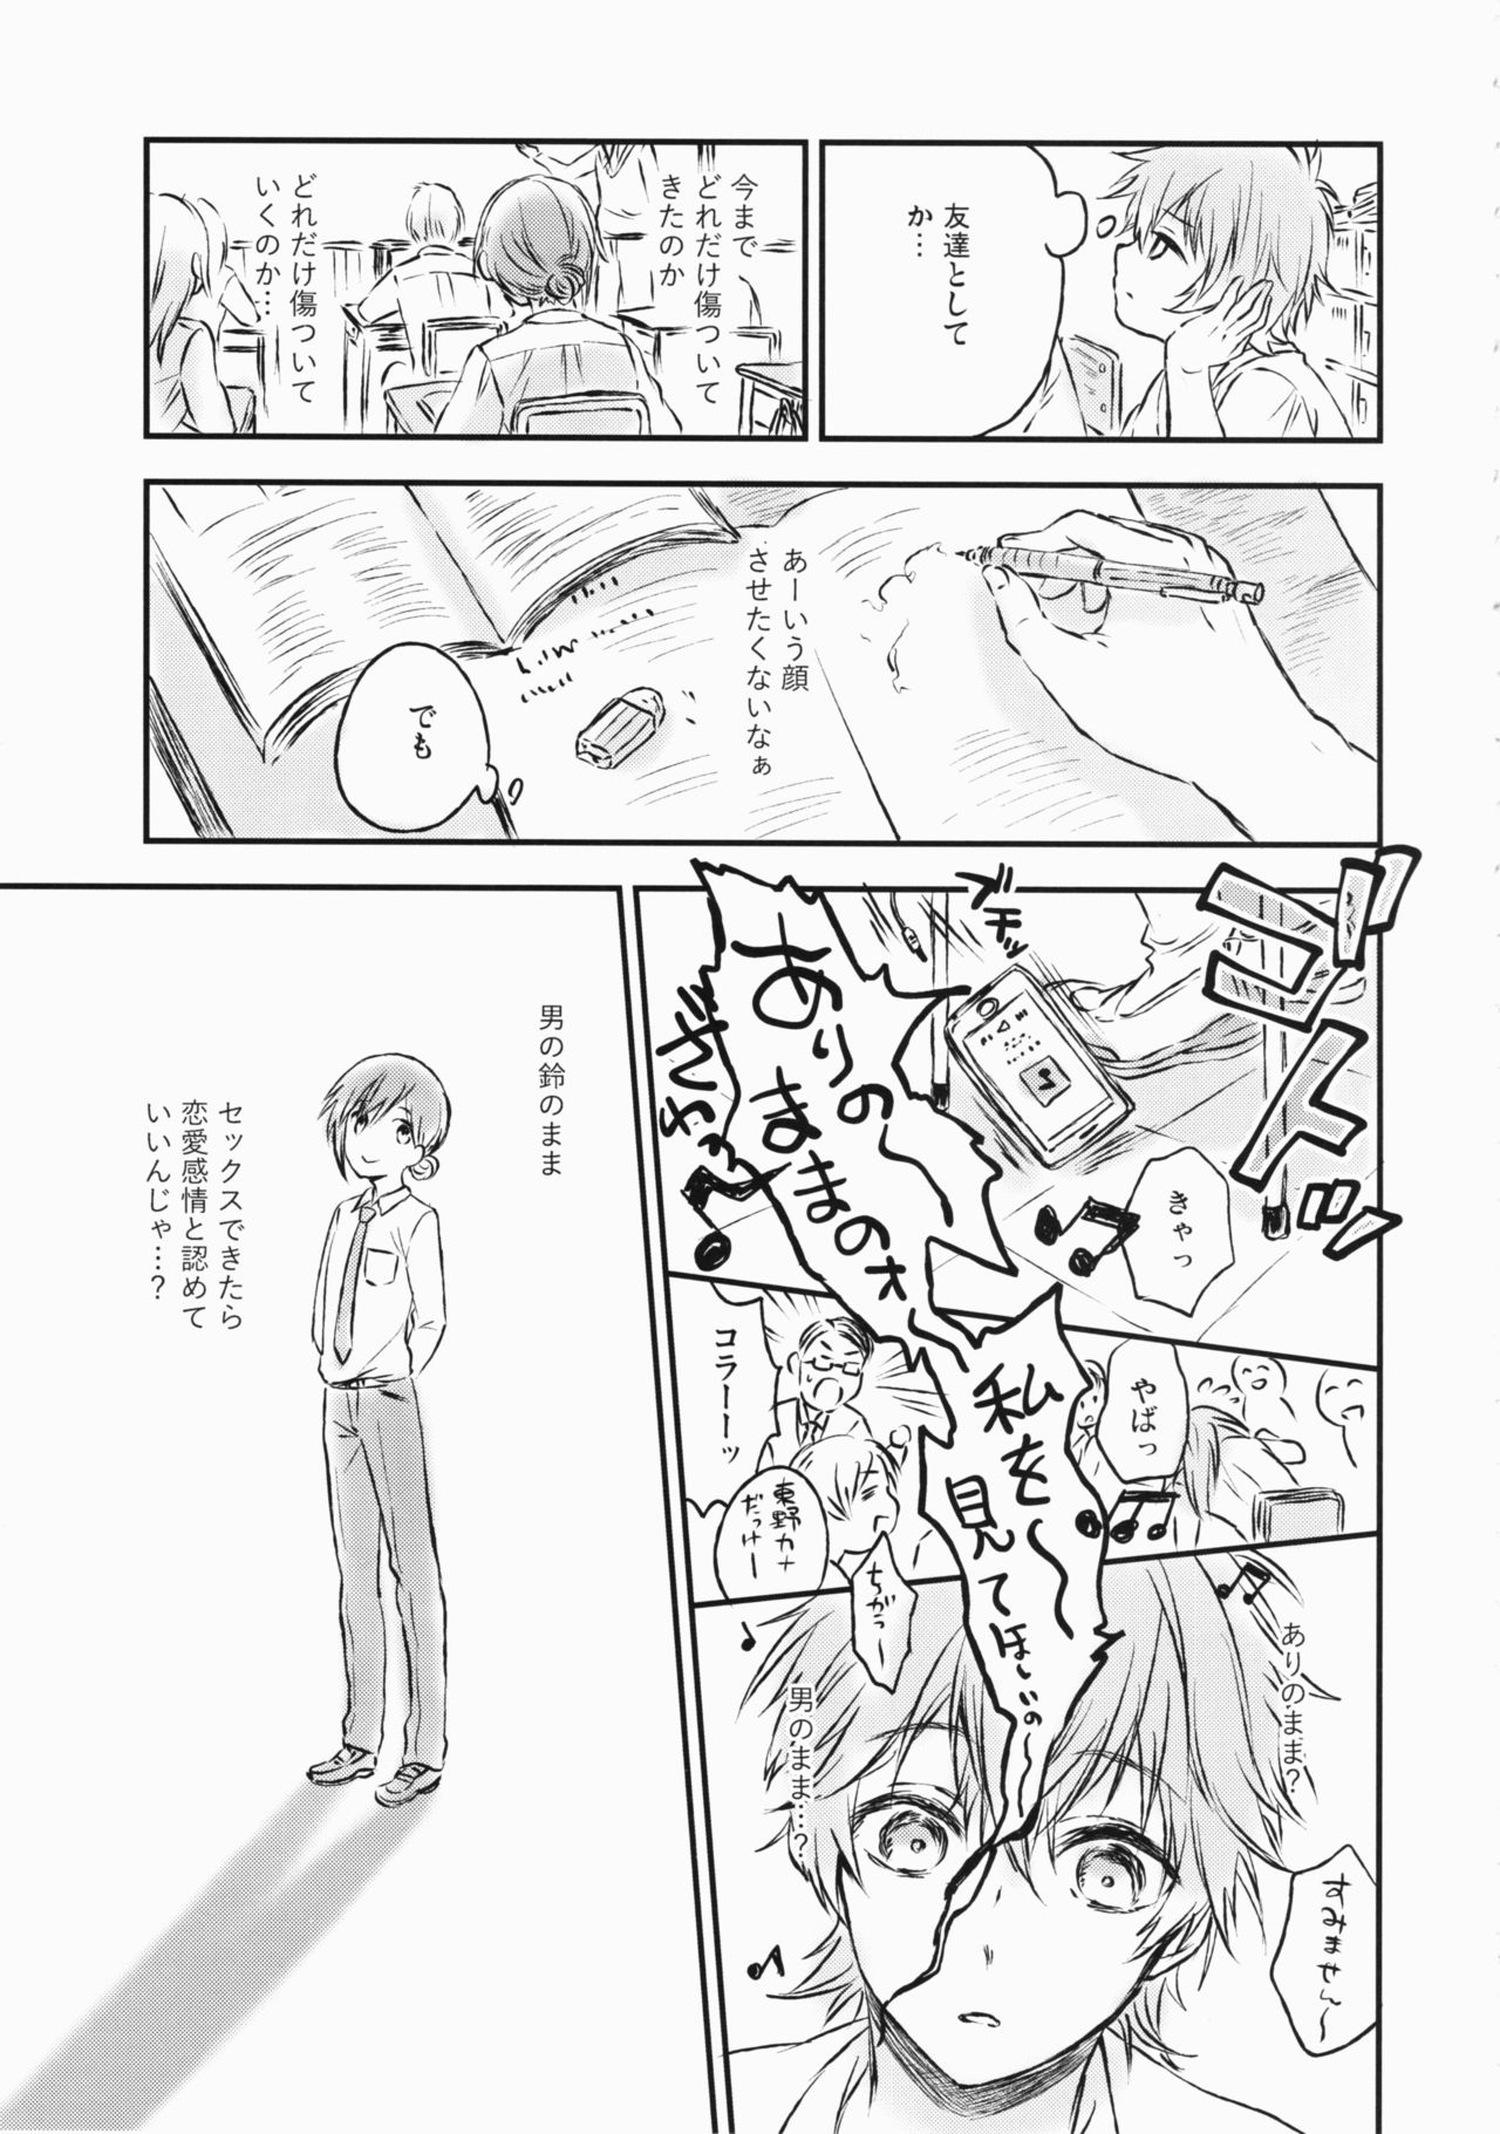 ポニーテールの女装男子とイチャラブセックスwww【エロ漫画・エロ同人】 (8)